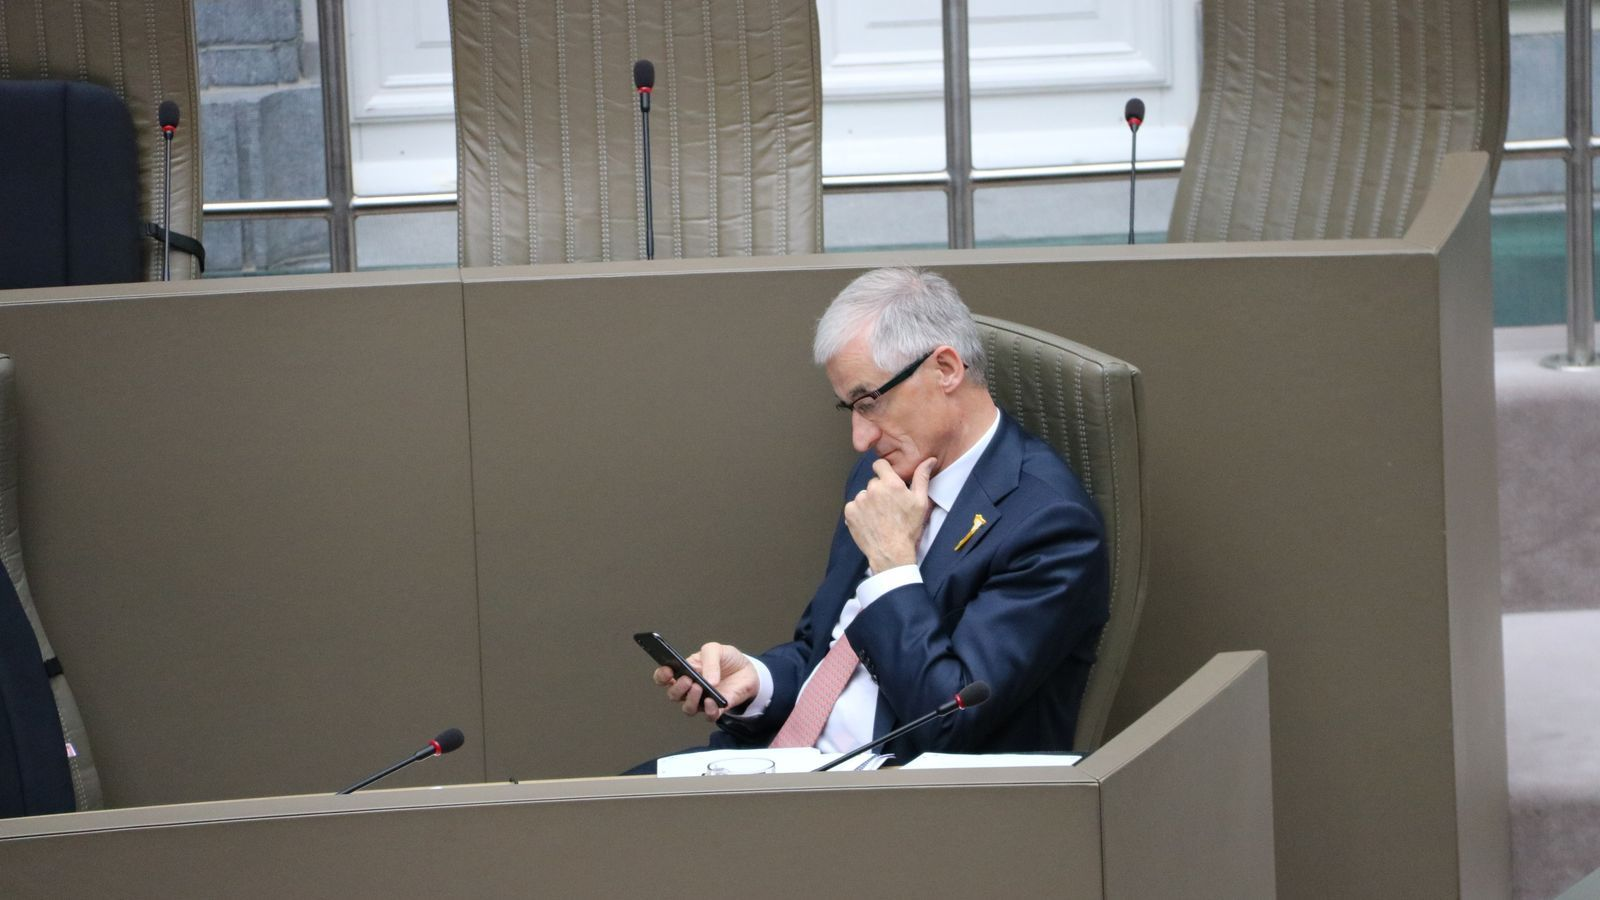 El ministre-president de Flandes, Geert Bourgeois, consulta el mòbil al parlament flamenc el 17 d'octubre del 2018.